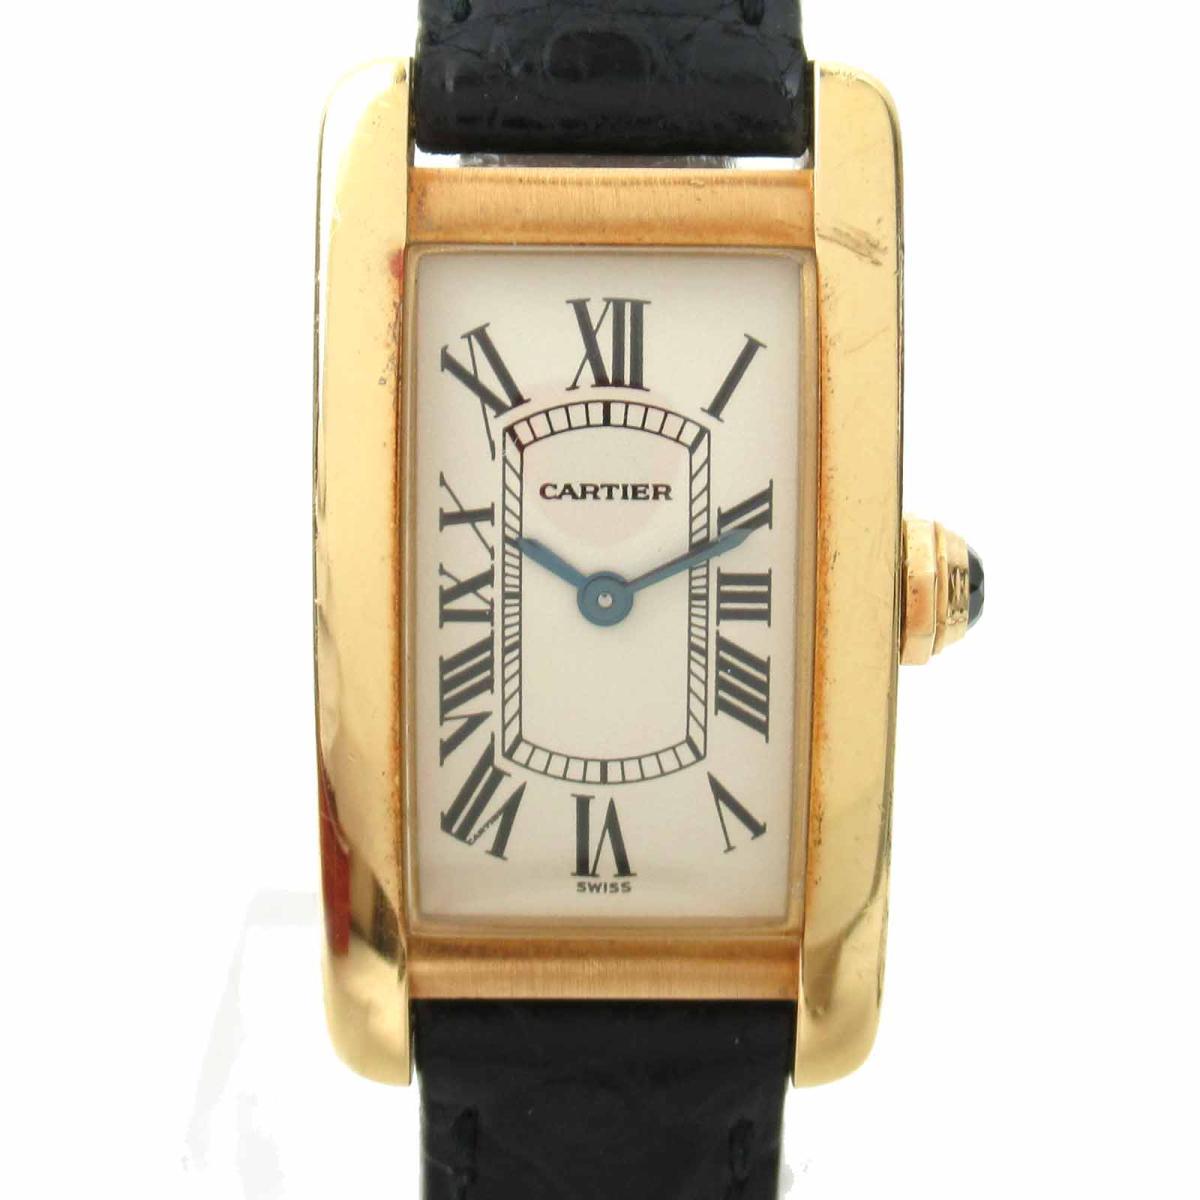 ≪期間限定≫メルマガ登録でクーポンGET! 【中古】 カルティエ タンクアメリカン ウォッチ 腕時計 レディース K18YG (750)イエローゴールド レザーベルト (W2601556) | Cartier BRANDOFF ブランドオフ ブランド ブランド時計 ブランド腕時計 時計